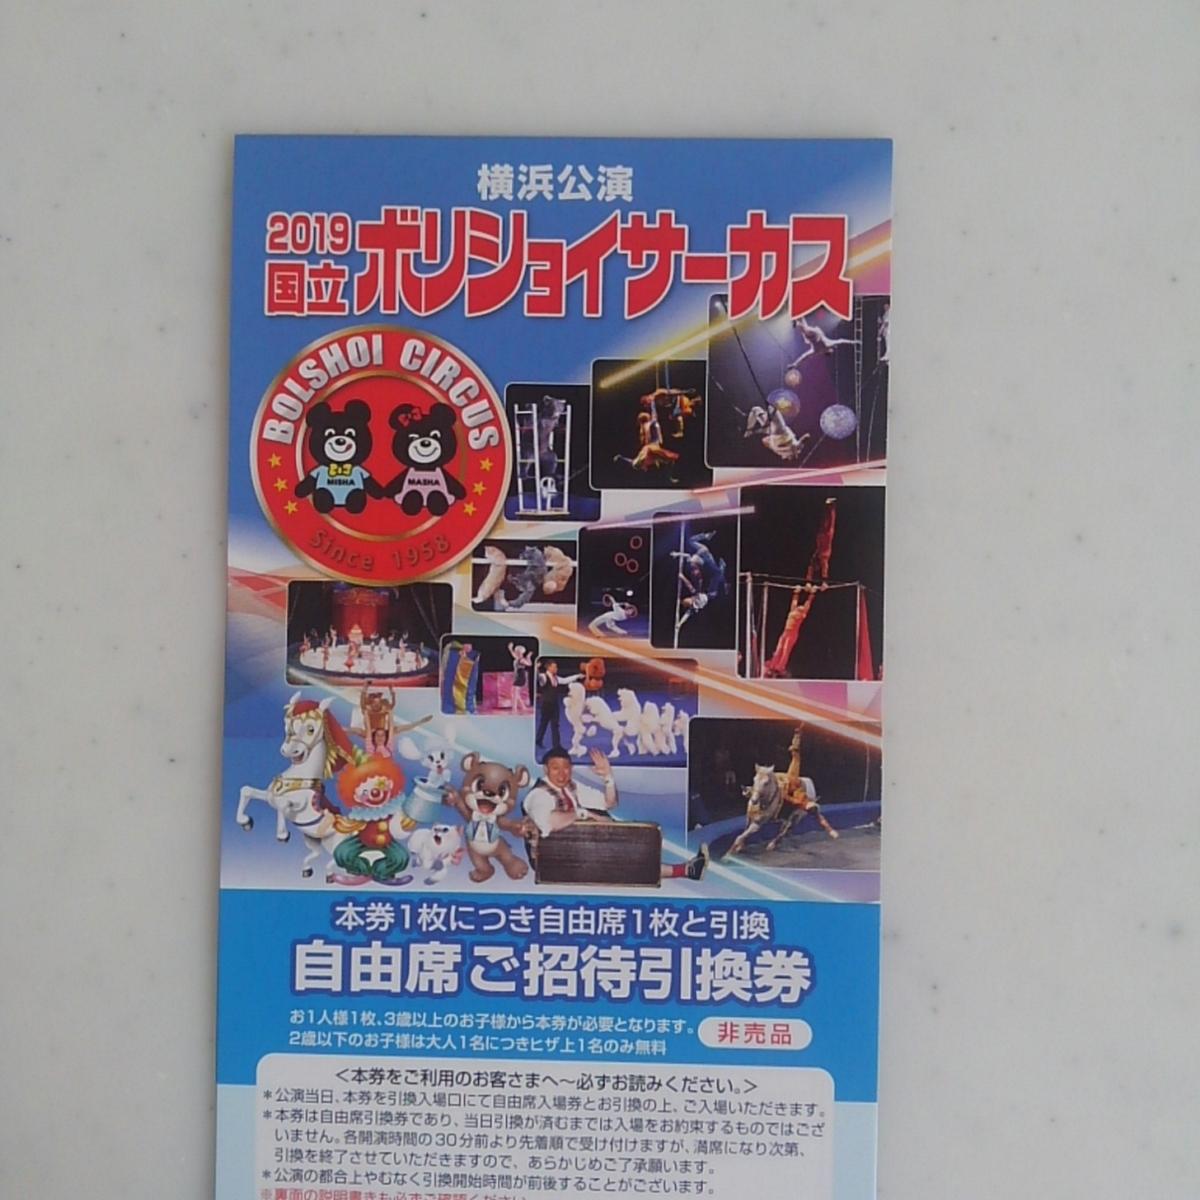 2019ボリショイサーカス横浜